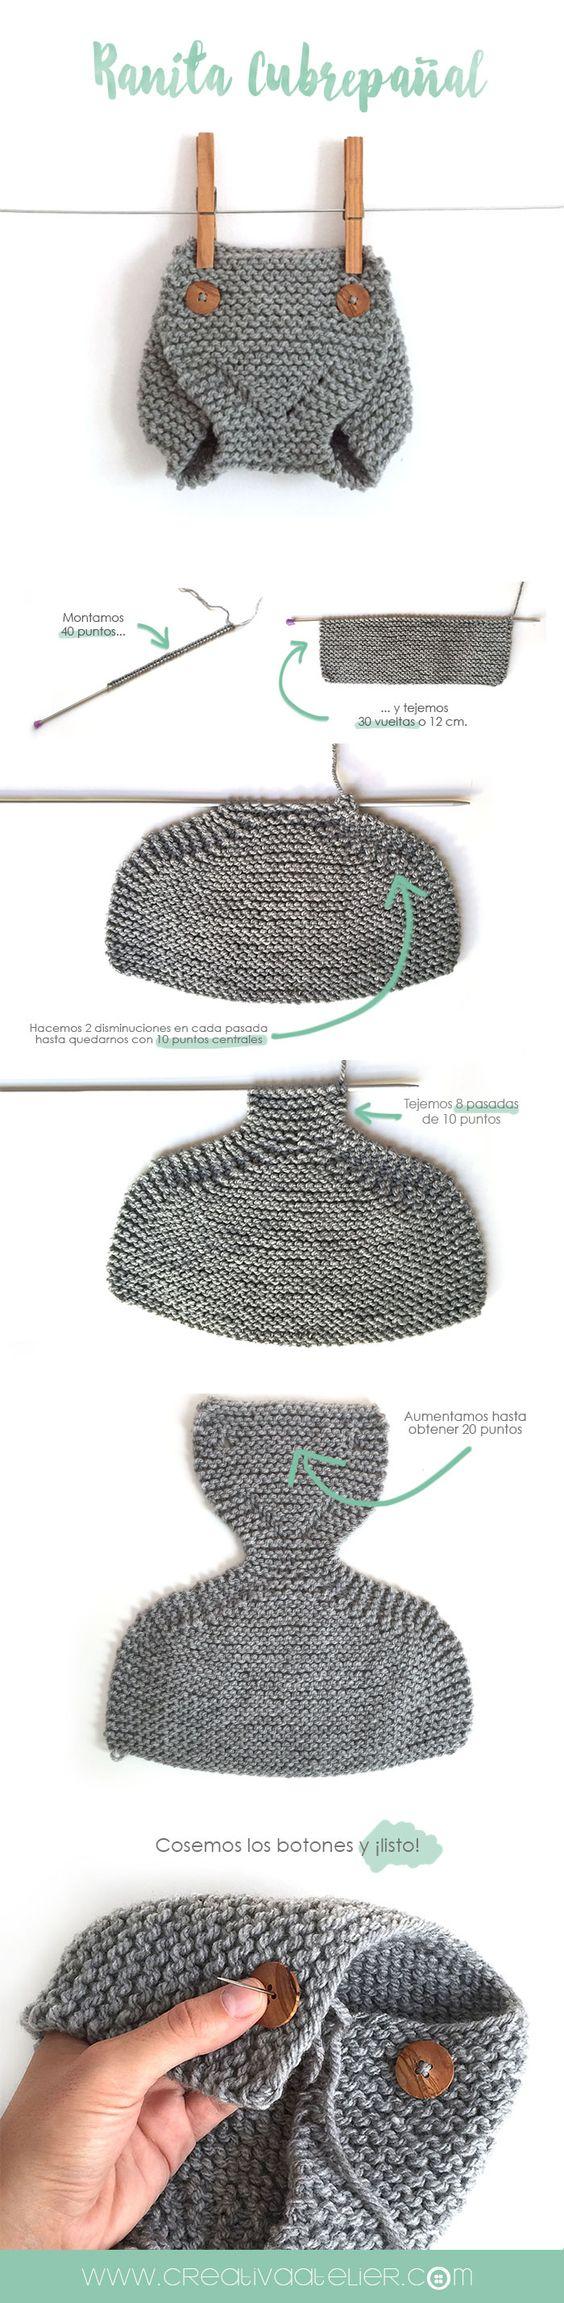 Cómo tejer una ranita cubrepañal de punto -DIY- Creativa Atelier Baby Knitted diaper cover: